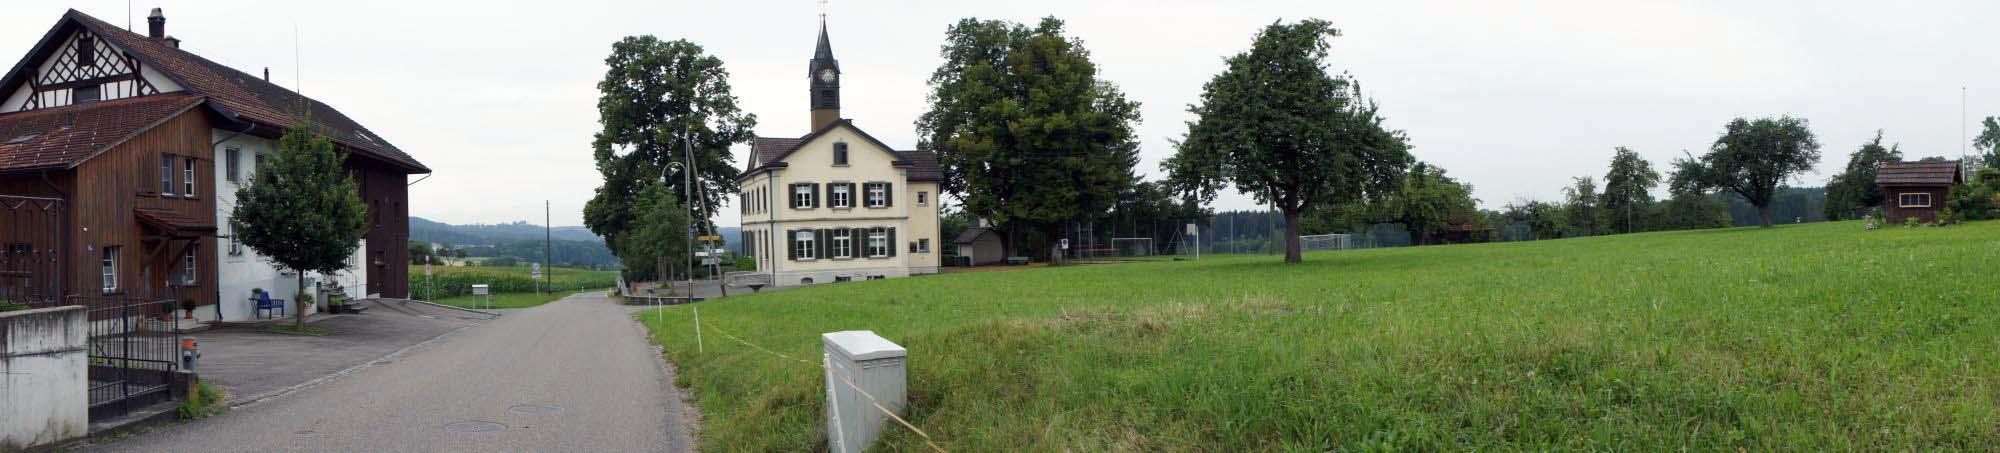 iberg-panorama-2010-012-sm.jpg